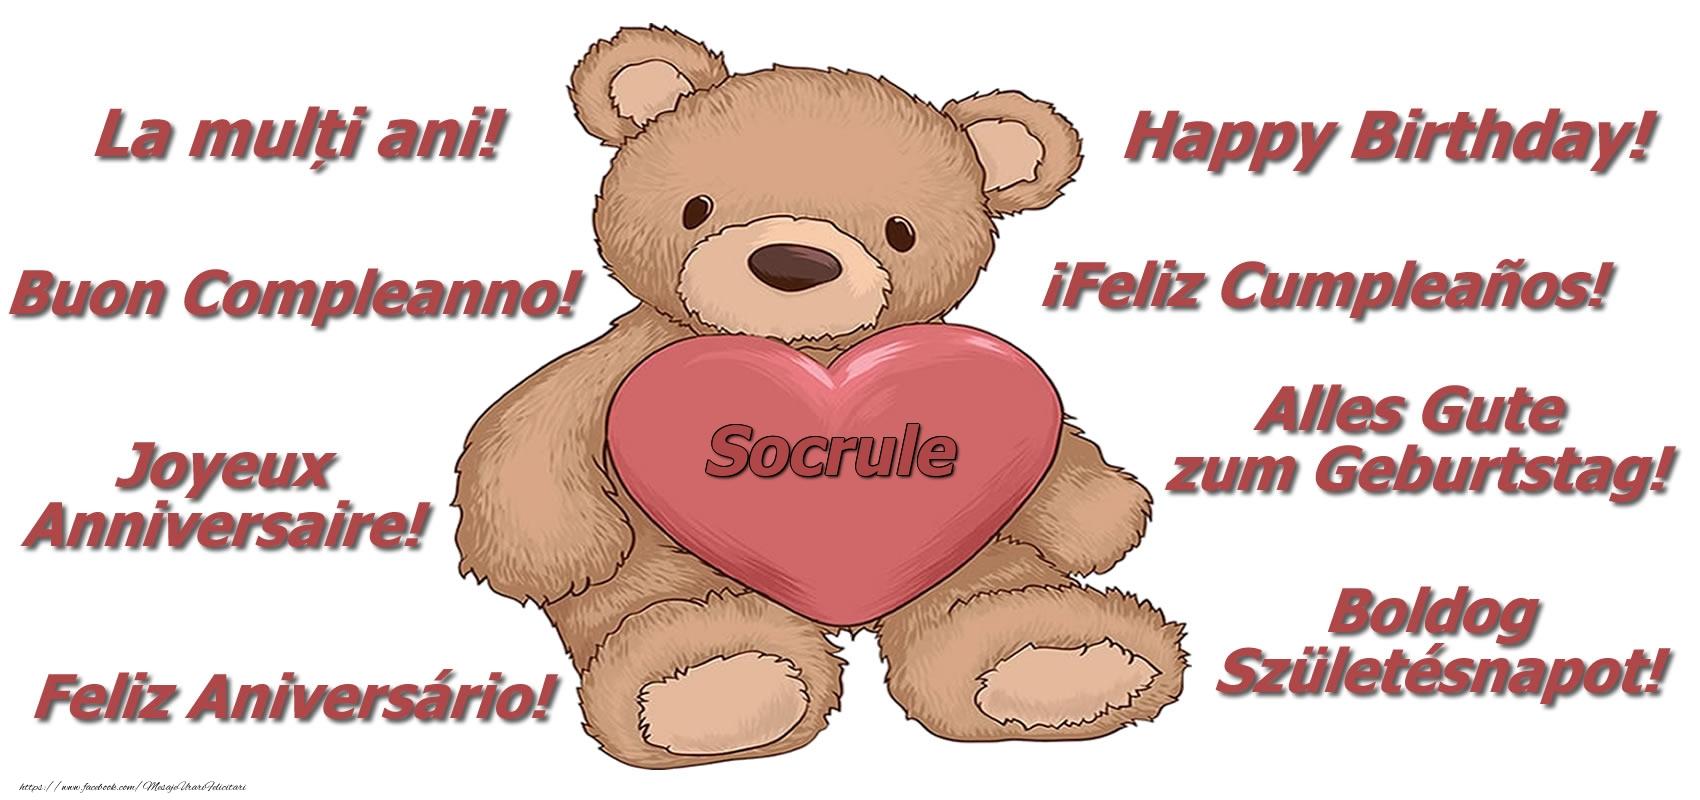 Felicitari de zi de nastere pentru Socru - La multi ani socrule! - Ursulet